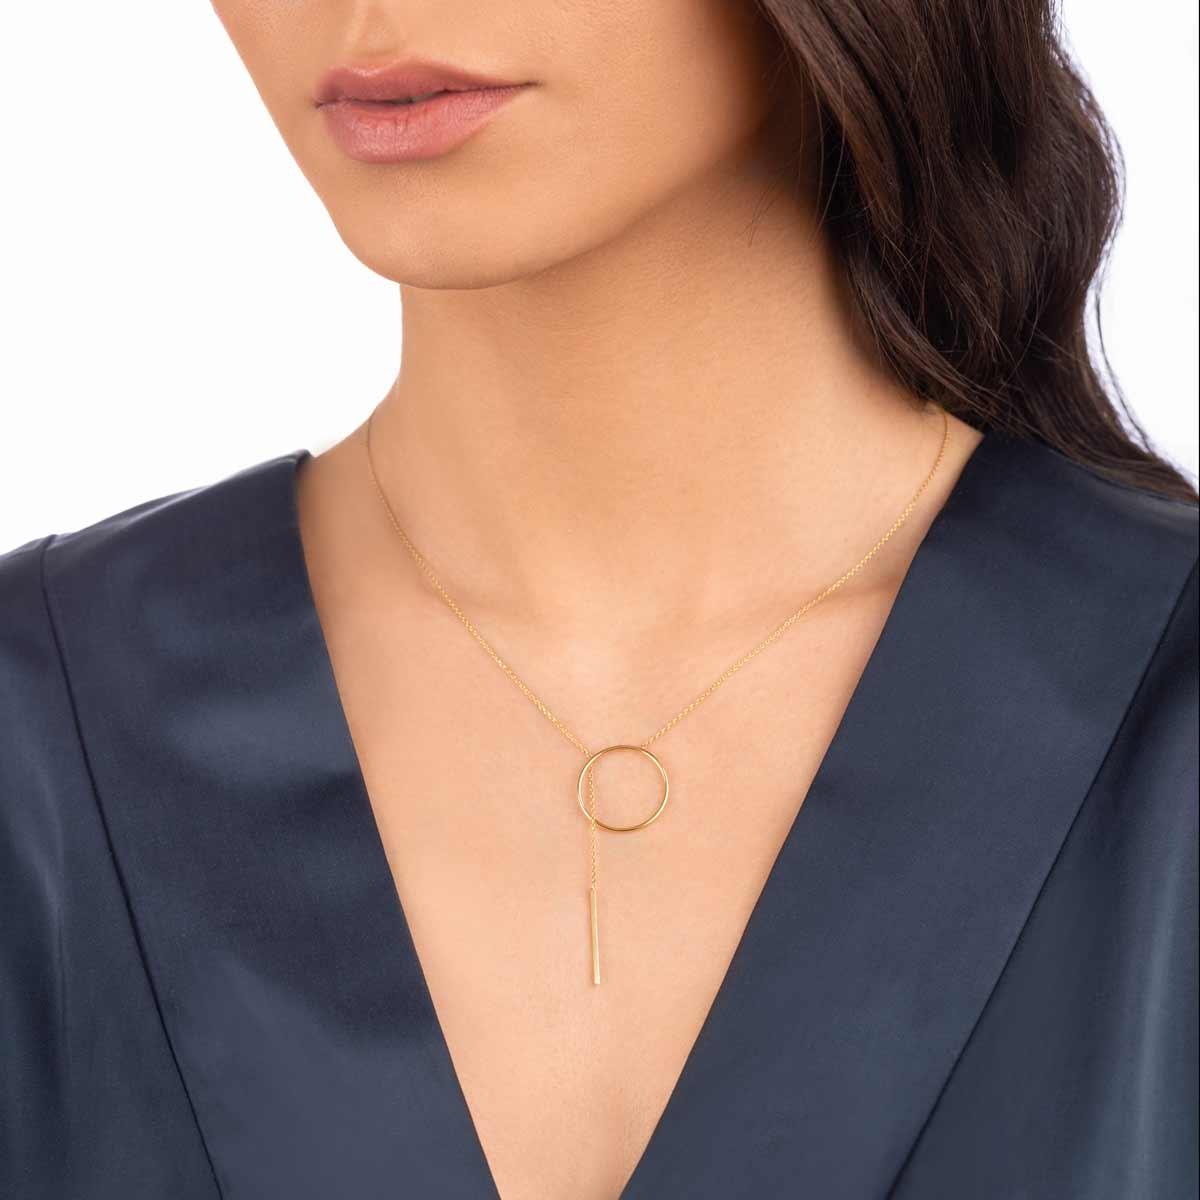 گردنبند طلا دایره و آویز خط